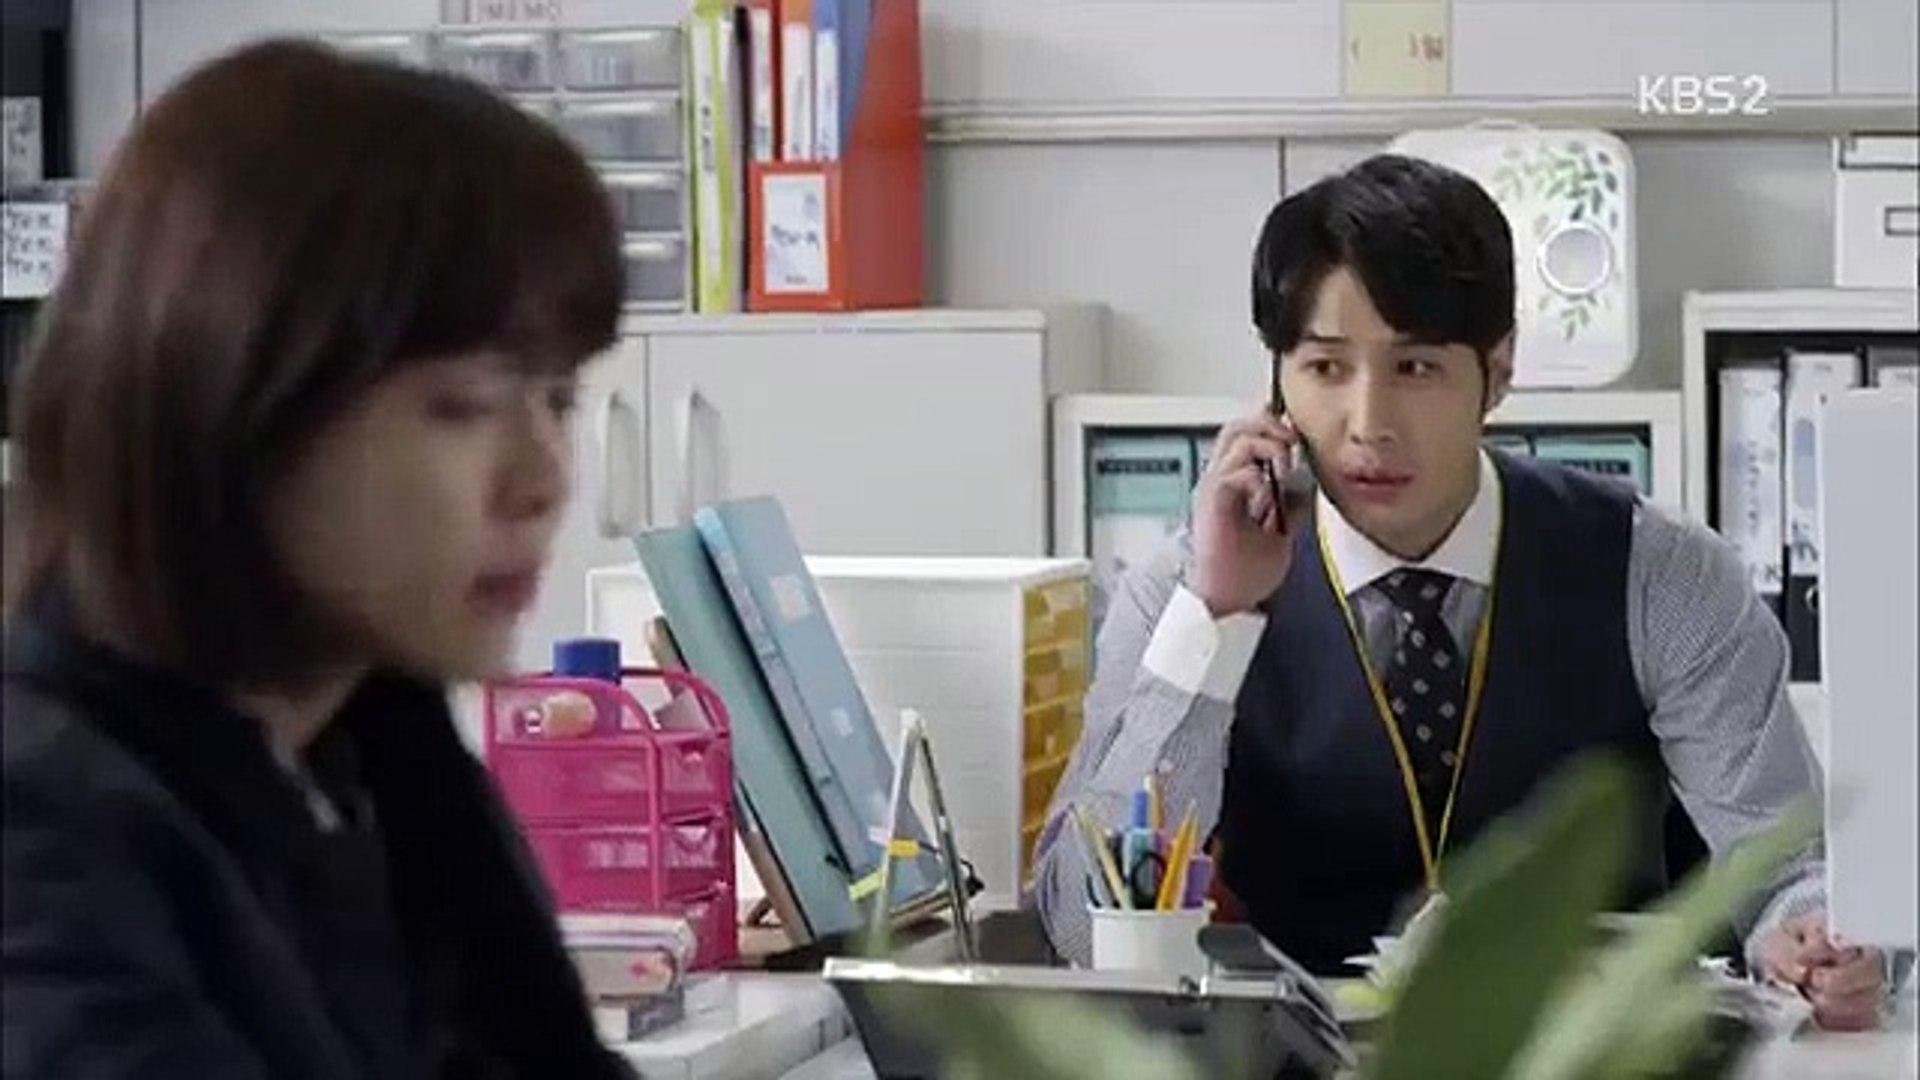 Nhà Không Cần Đàn Ông Tập 6 - HTV2 Lồng Tiếng - Phim Hàn Quốc - Phim nha khong can dan ong tap 7 - P